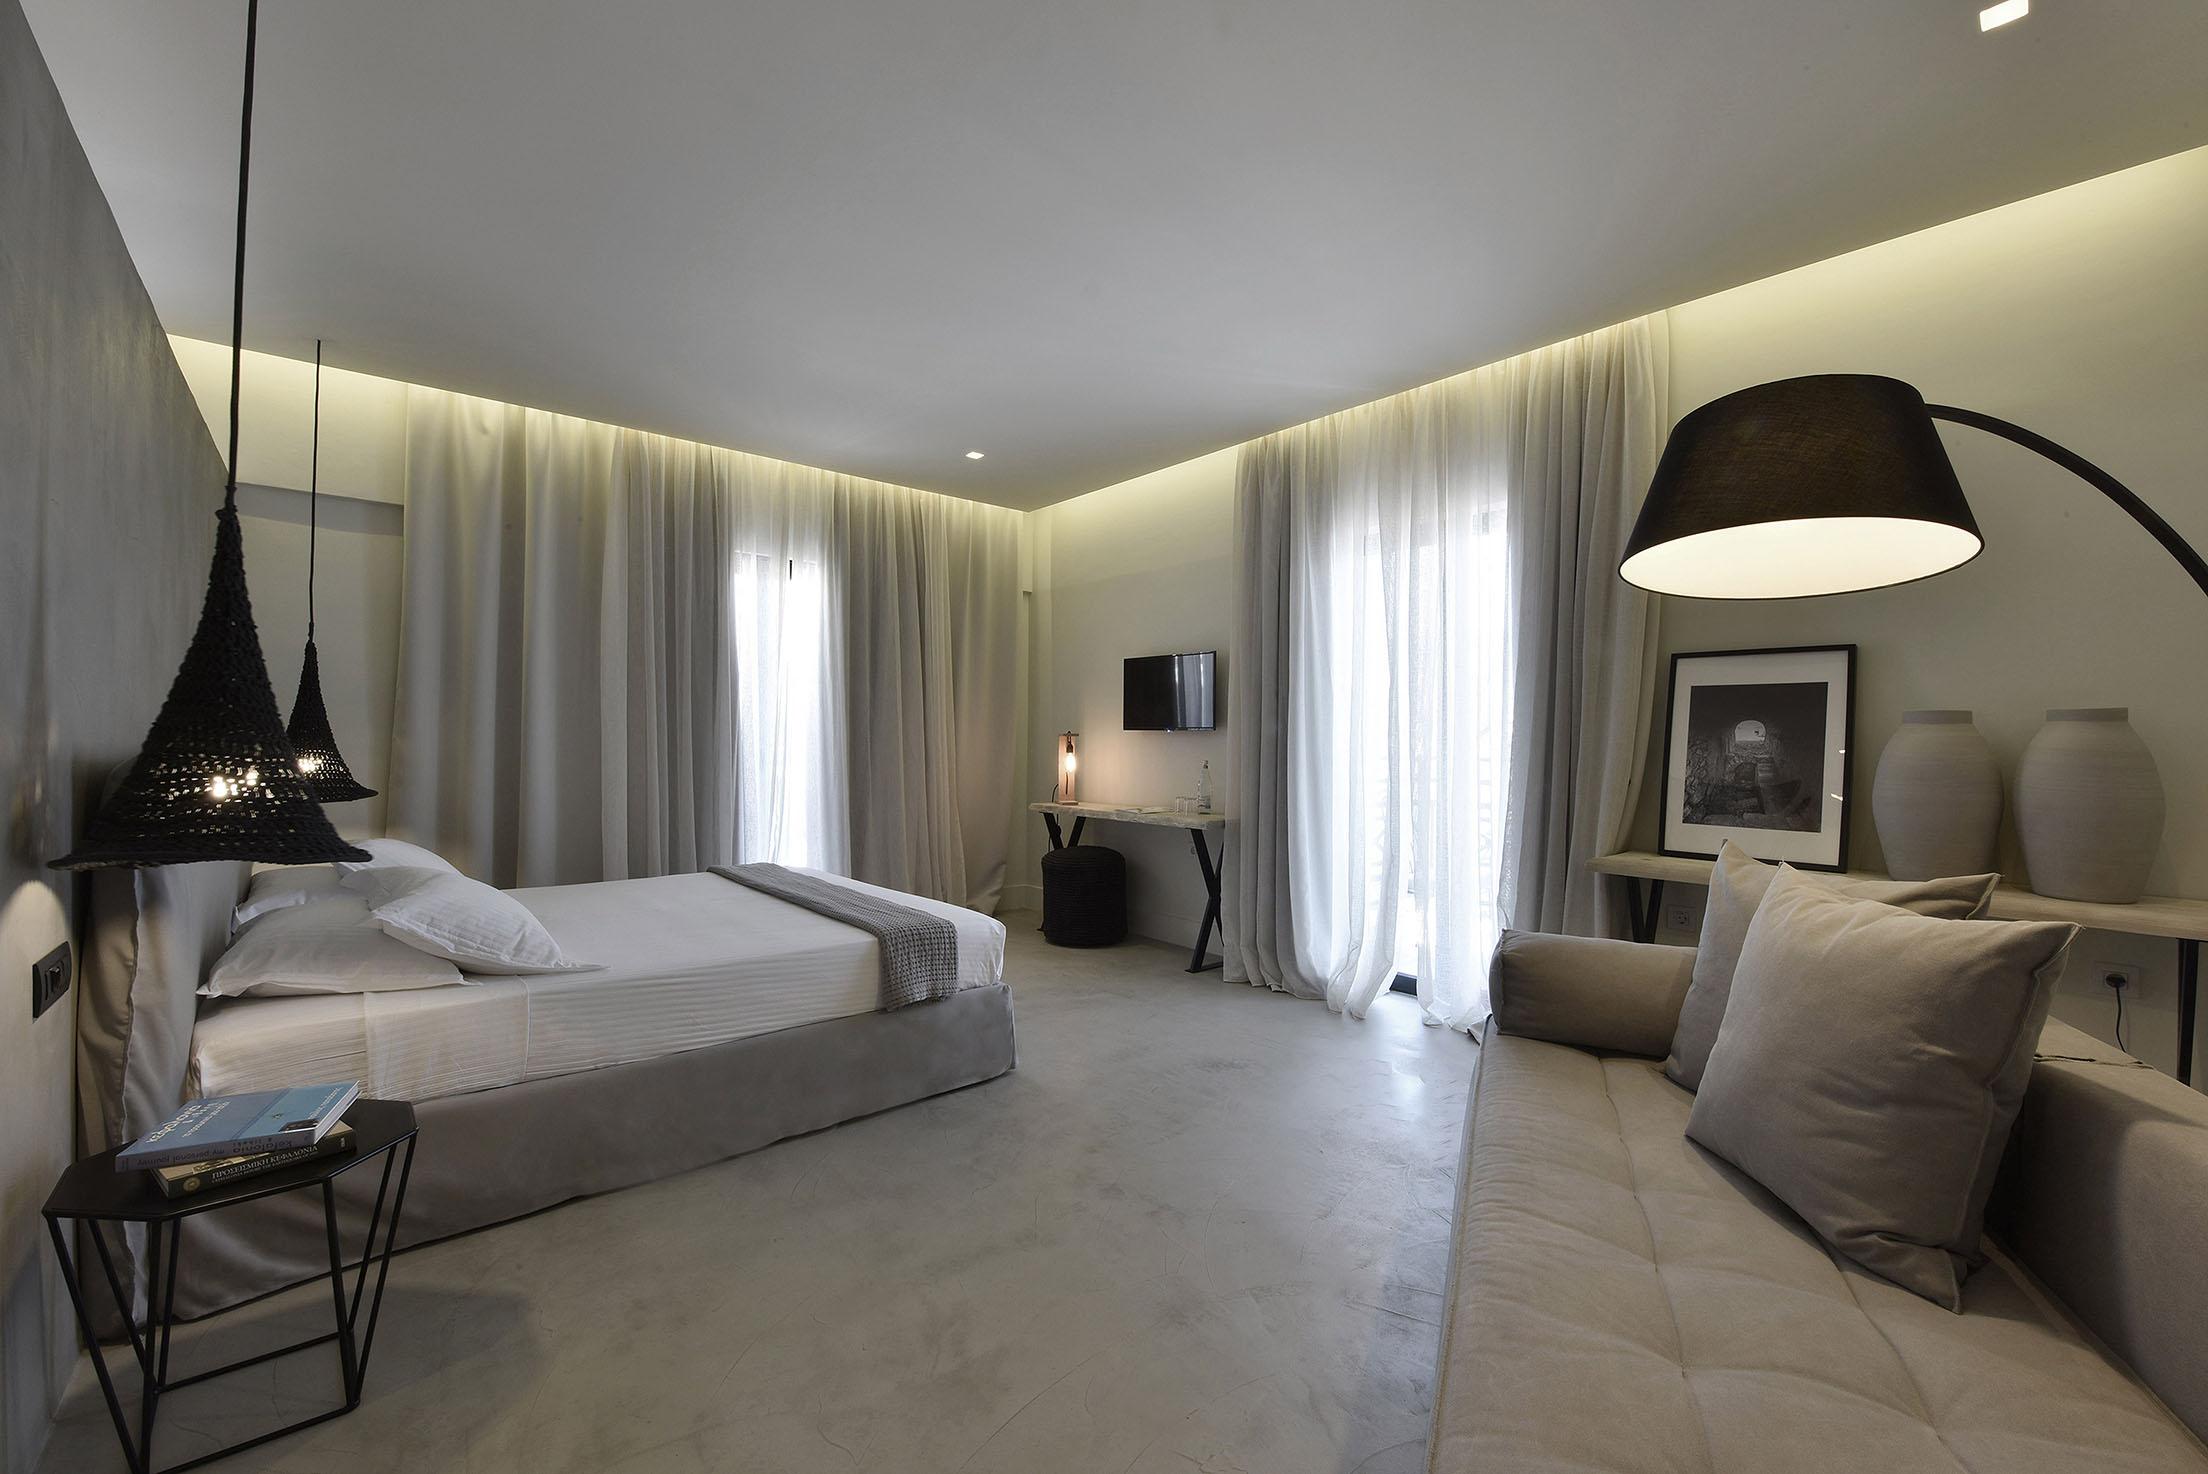 kefalonia argostoli luxury hotel geamd suite